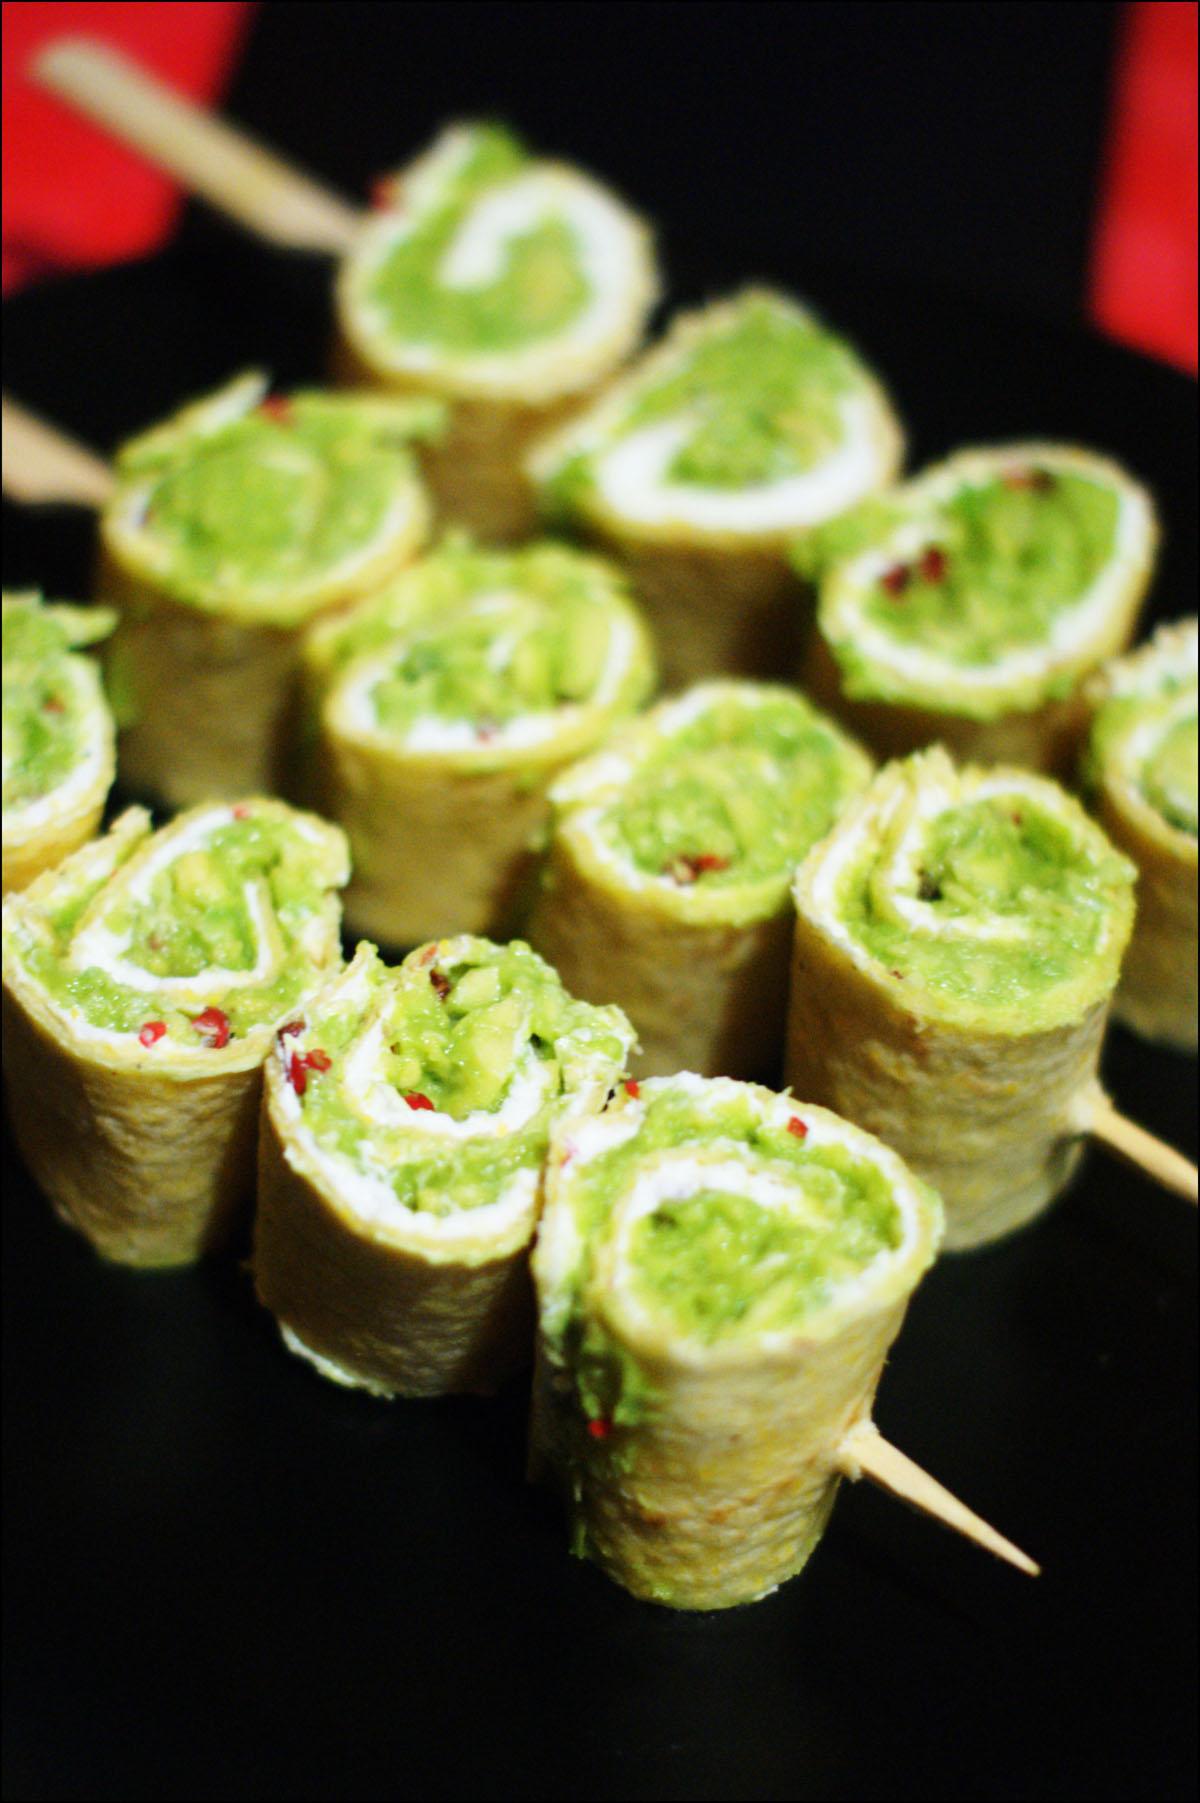 Recette de cuisine top chef 2015 un site culinaire populaire avec des recettes utiles - Site de recettes cuisine ...